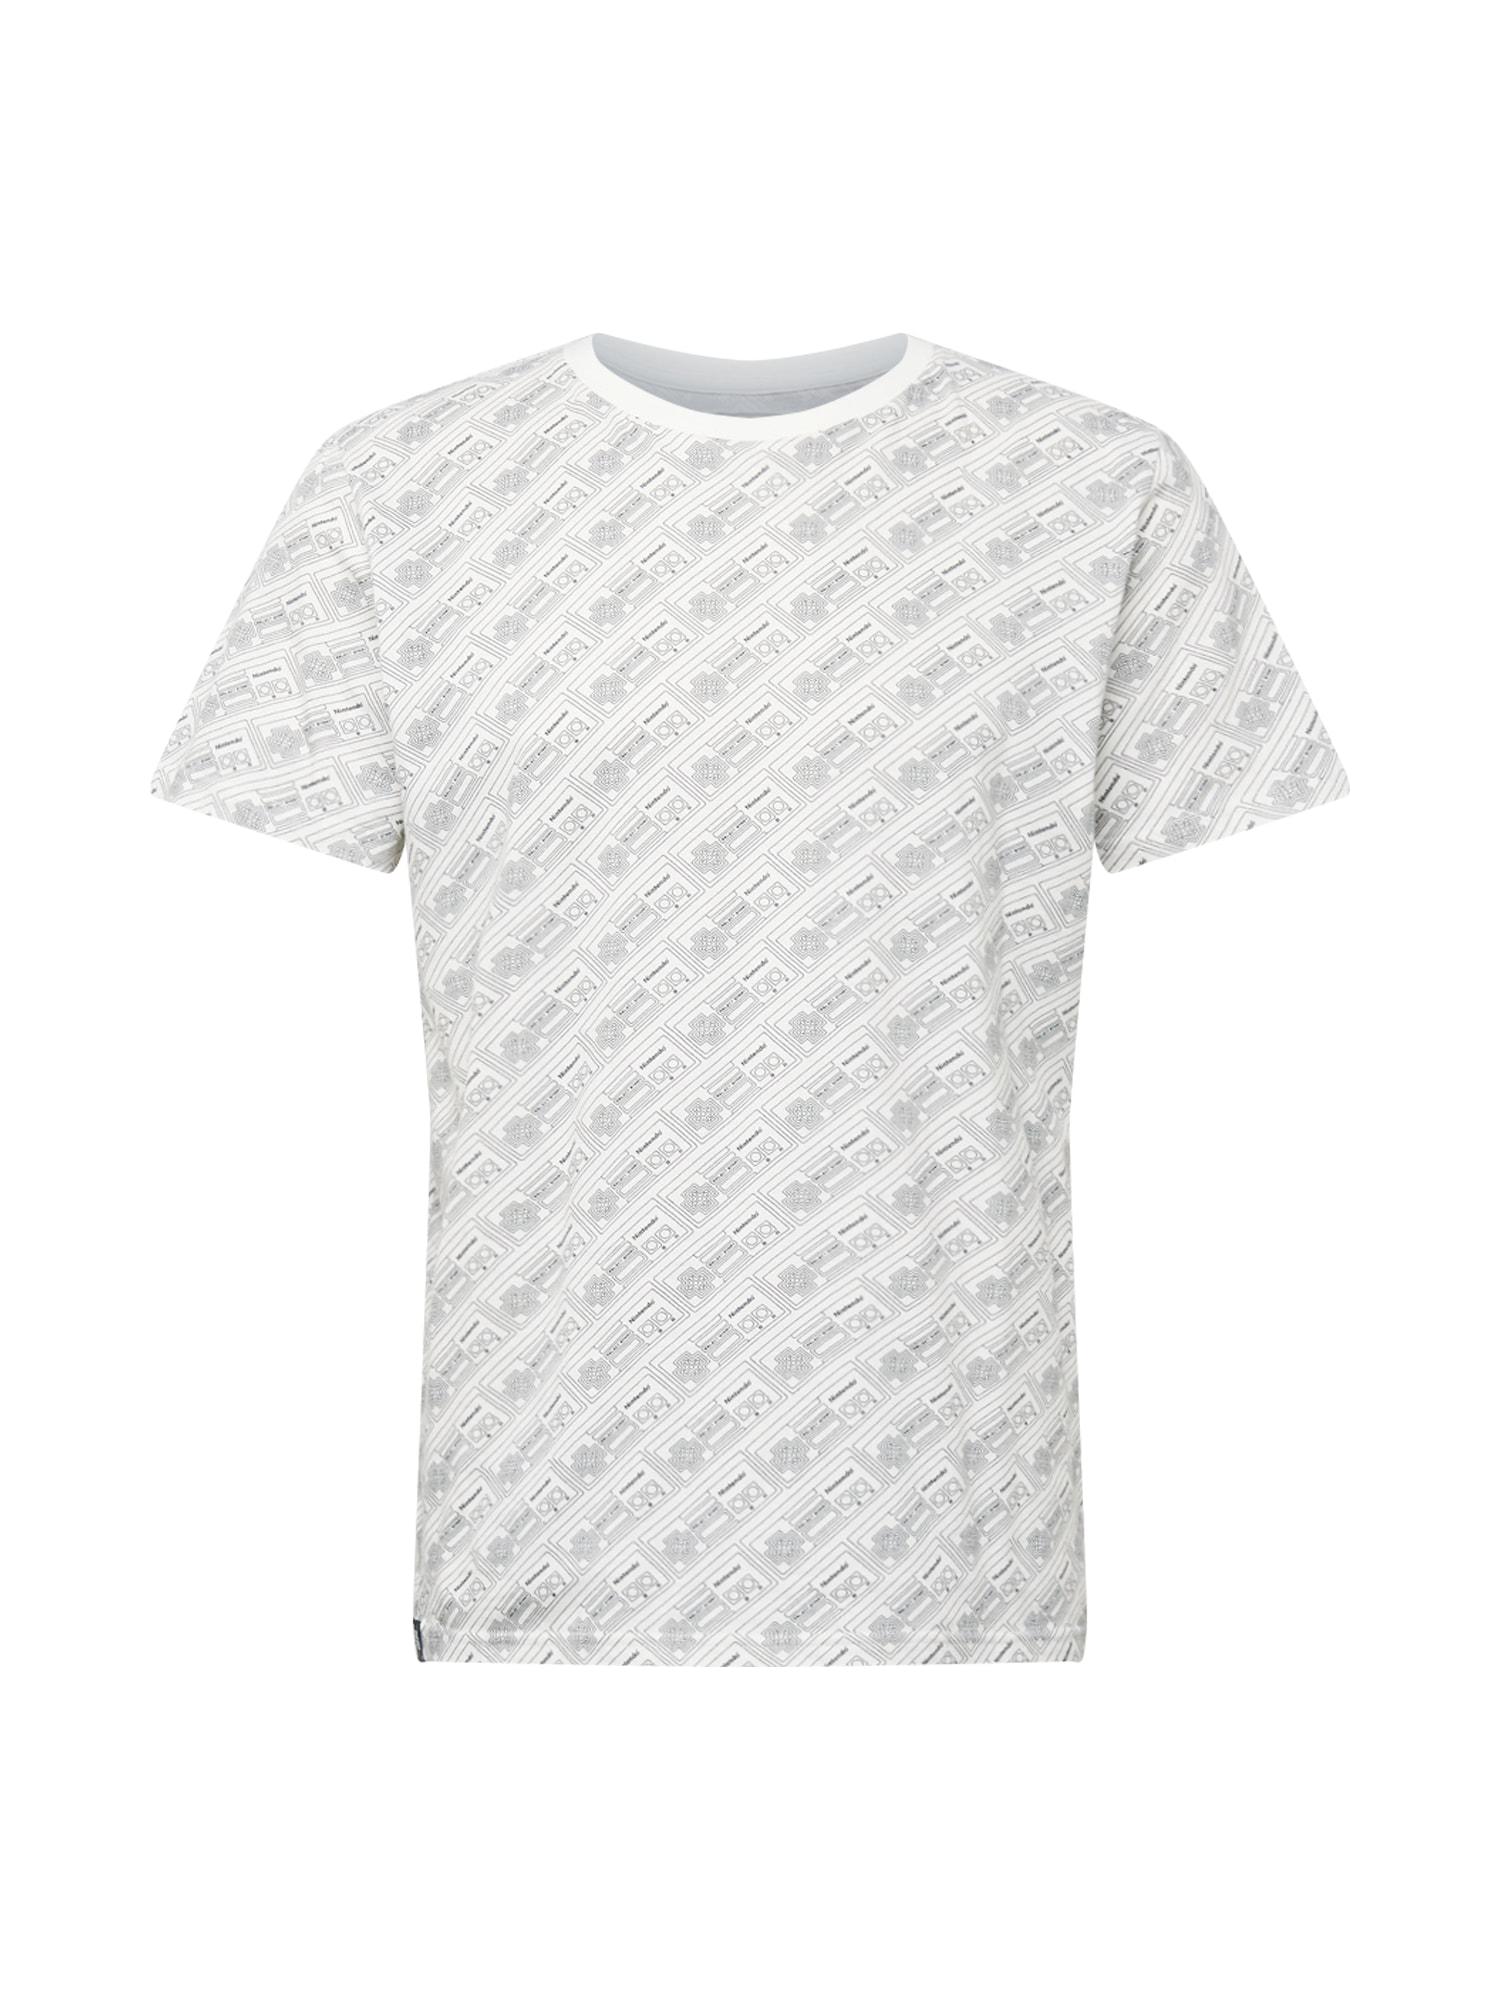 DEDICATED. Marškinėliai 'Stockholm NES Line Control' balta / juoda